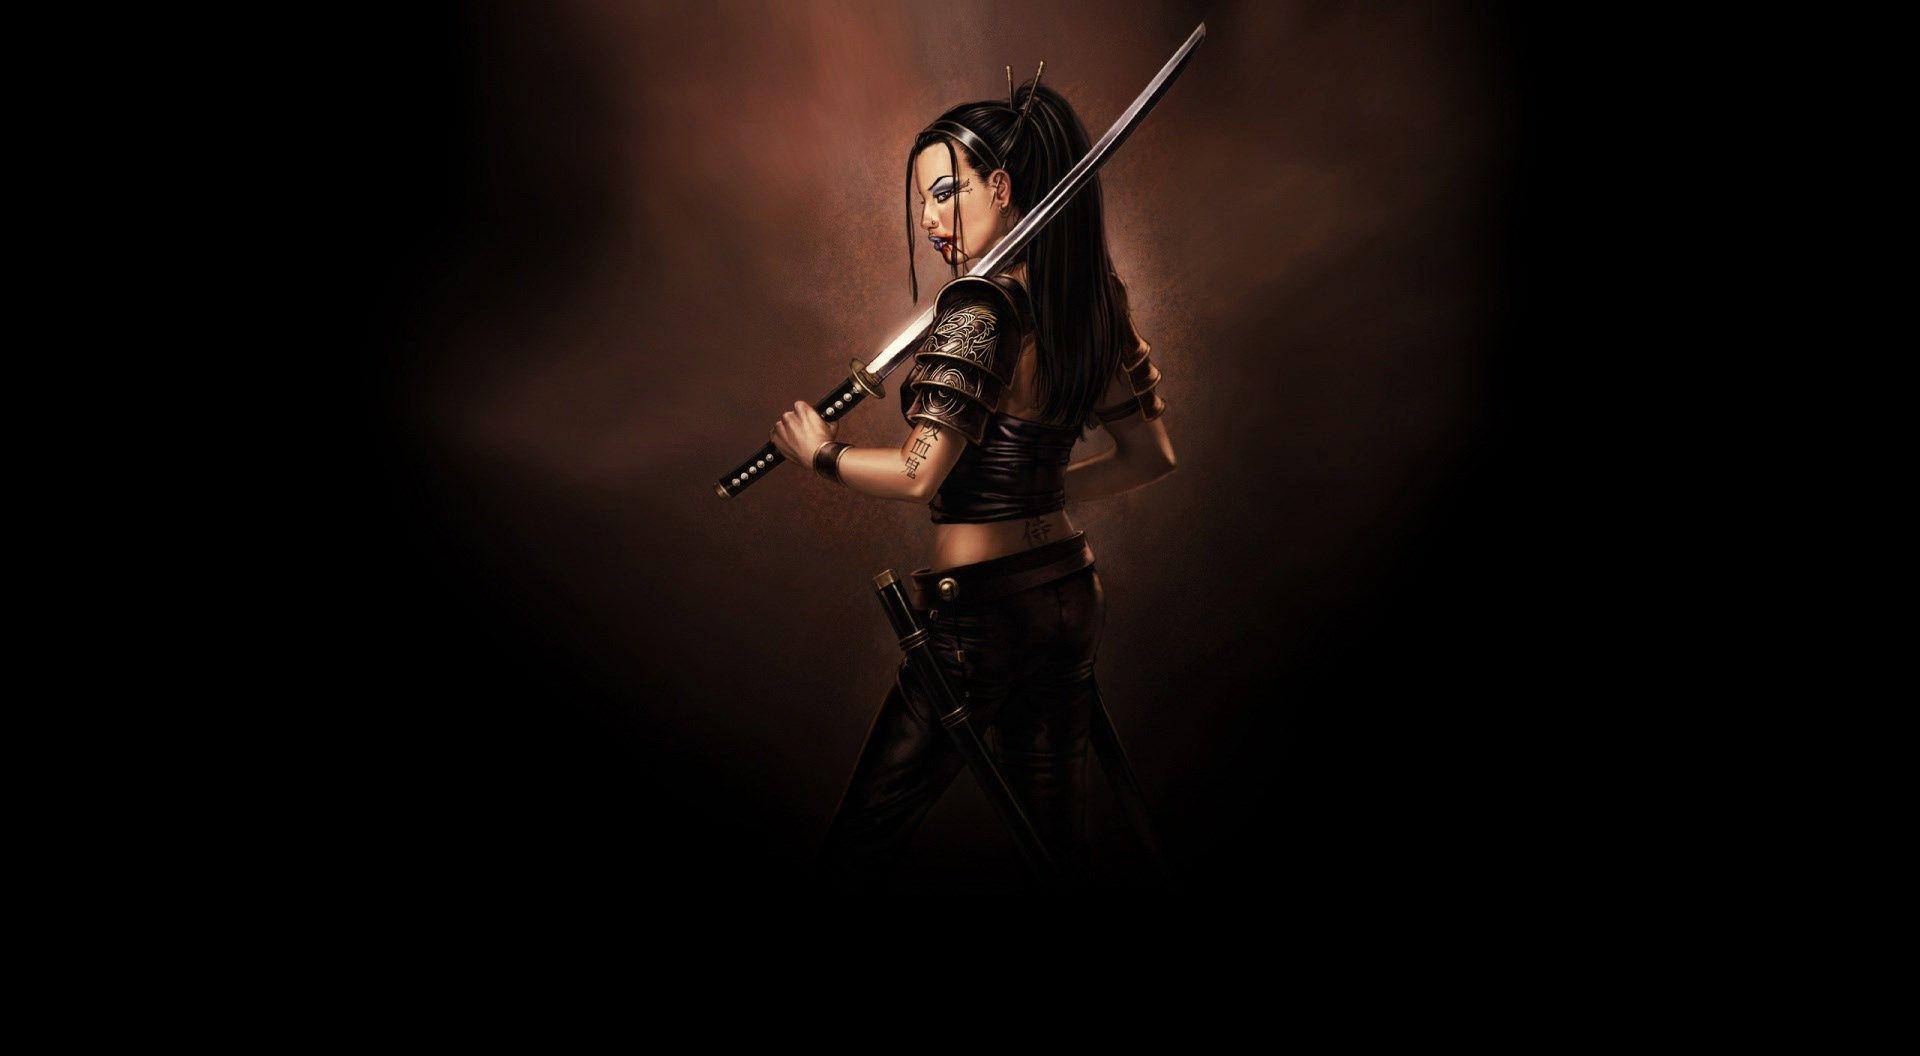 download samurai sword wallpaper 1920x1080 | sharovarka